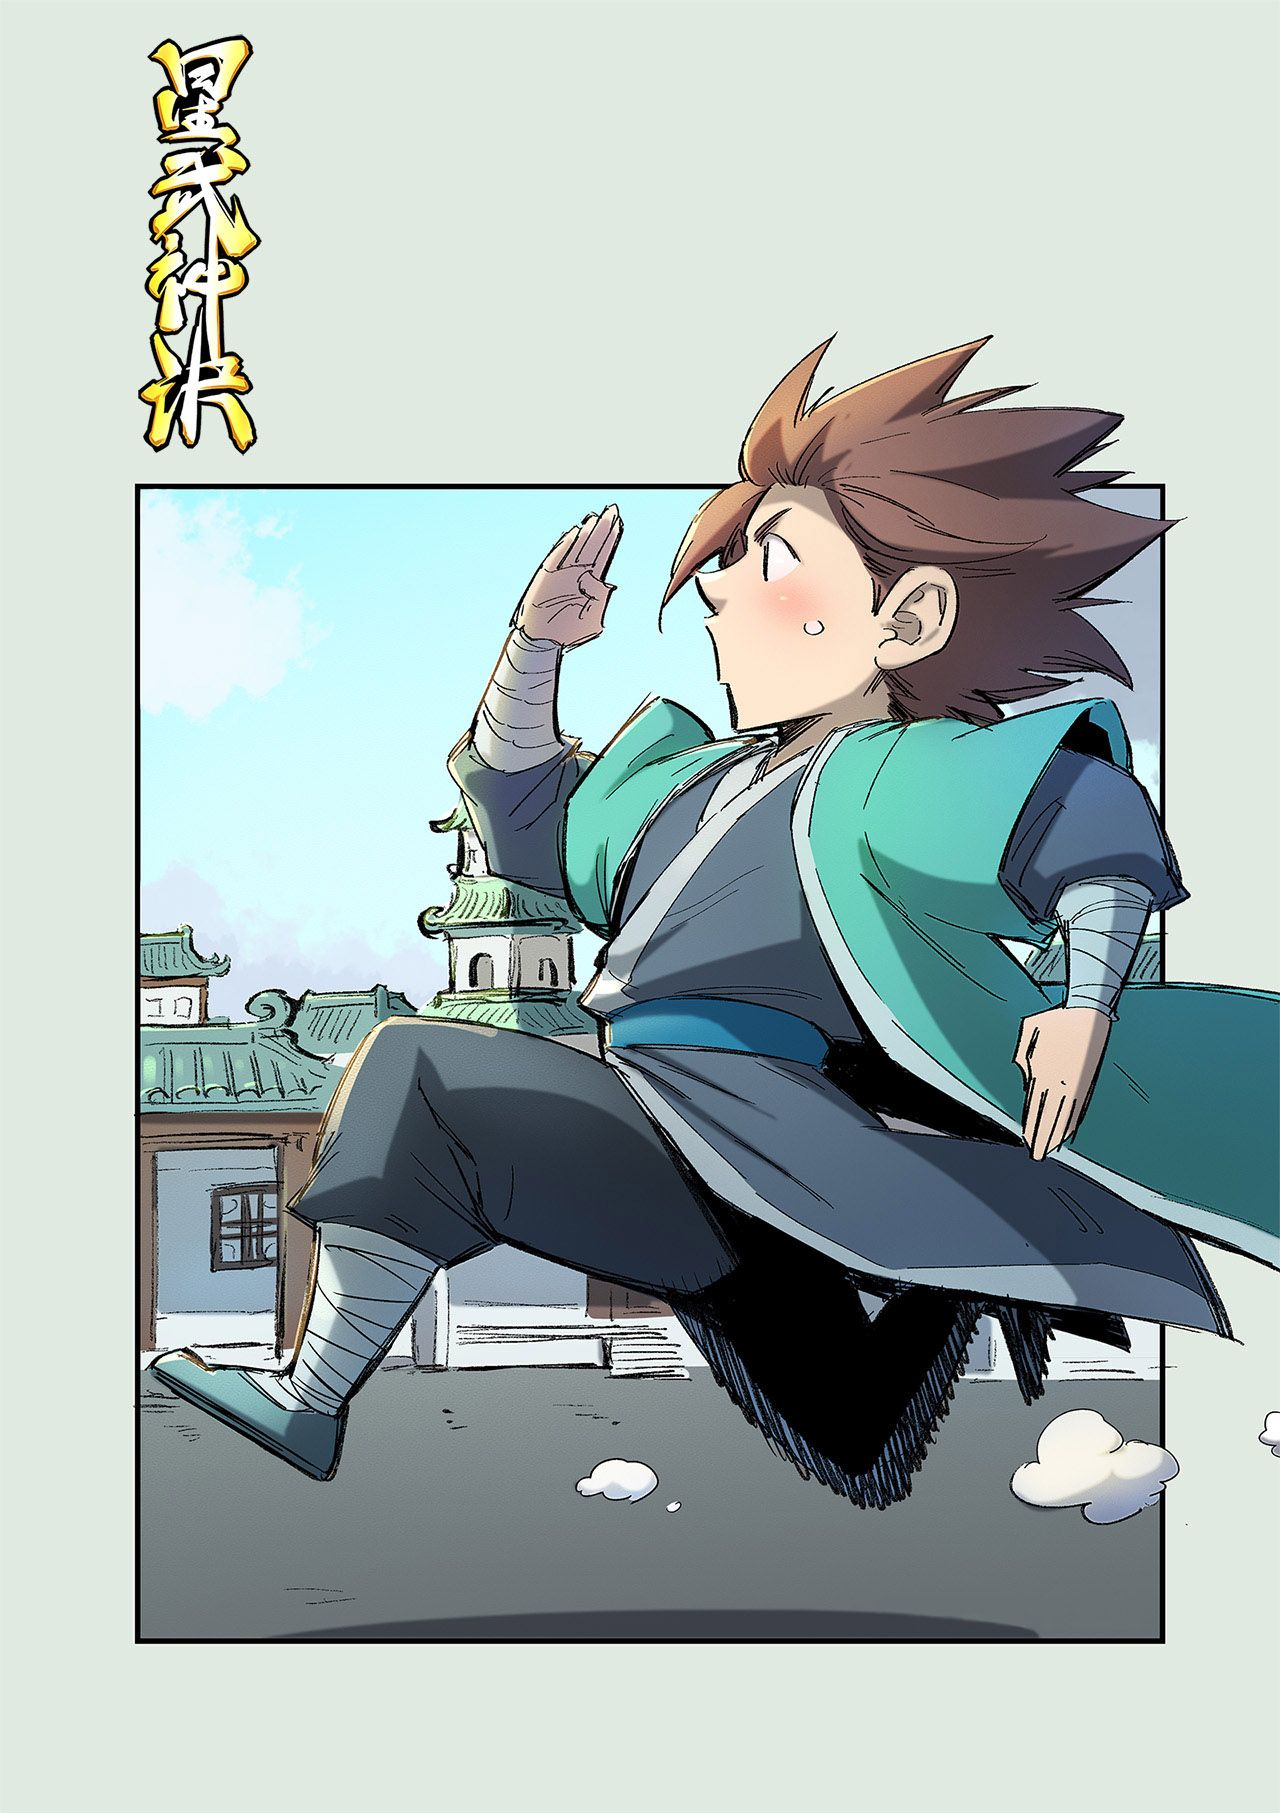 يوجد في هذا العالم القديم اثنا عشر طريقا ويحكى في الأساطير أن هذه الطرق تؤدي إلى الخلد و في هذا العصر القديم وصلت العديد من الفنون ال Martial Anime Stars